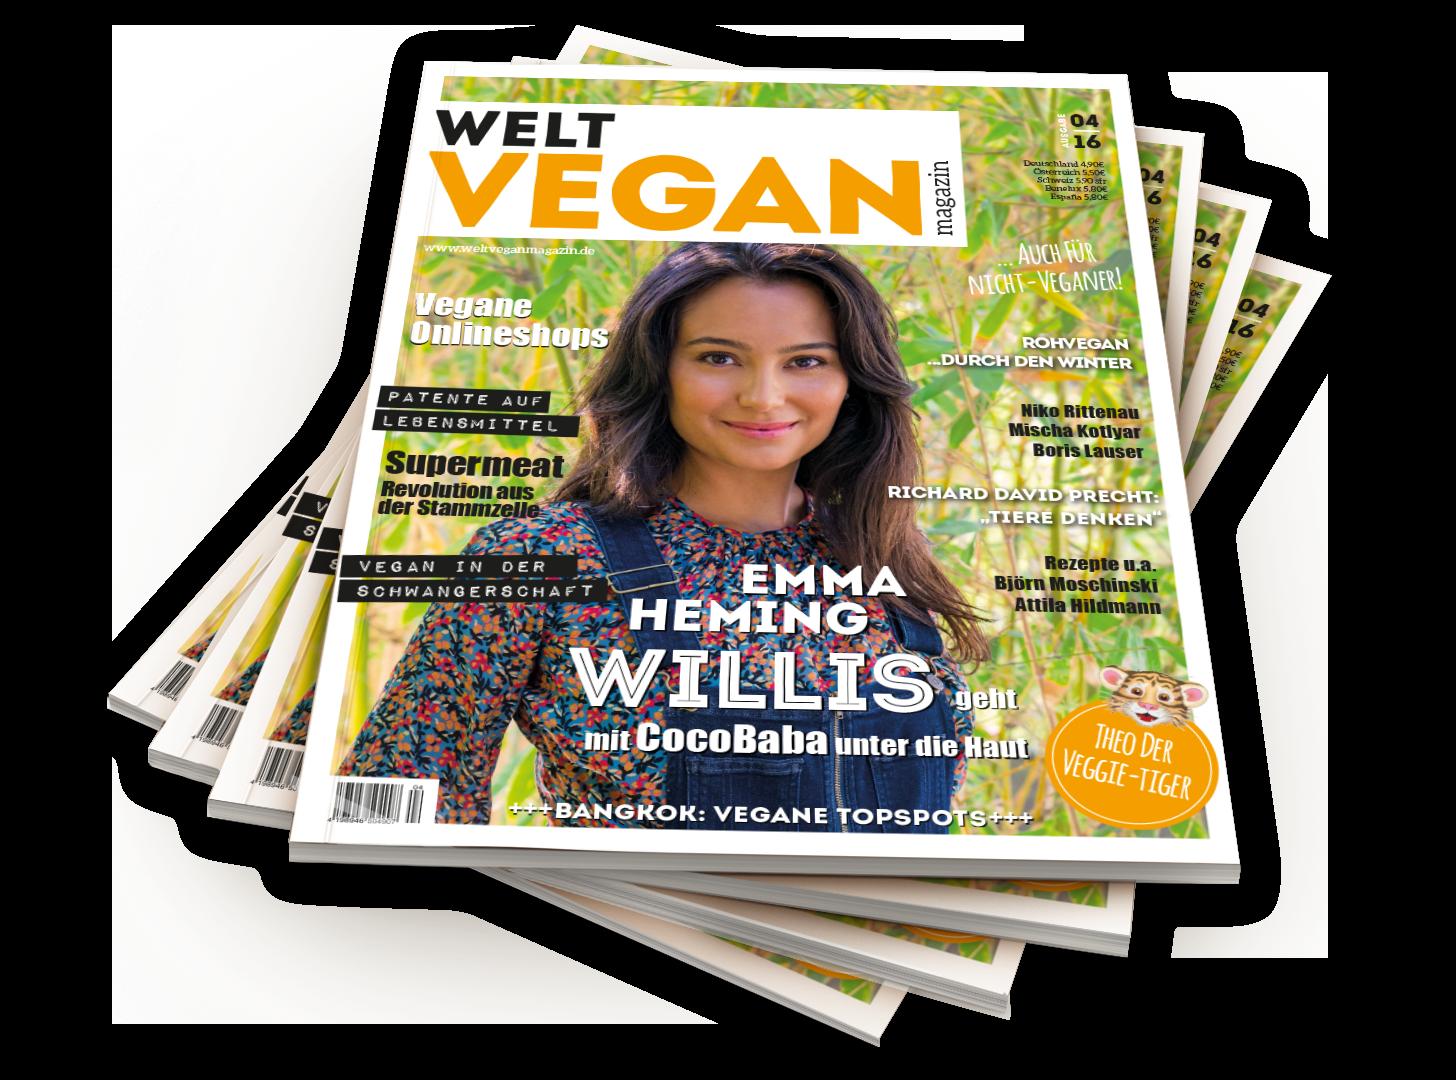 probeabo 2 print ausgaben welt vegan magazin digital. Black Bedroom Furniture Sets. Home Design Ideas